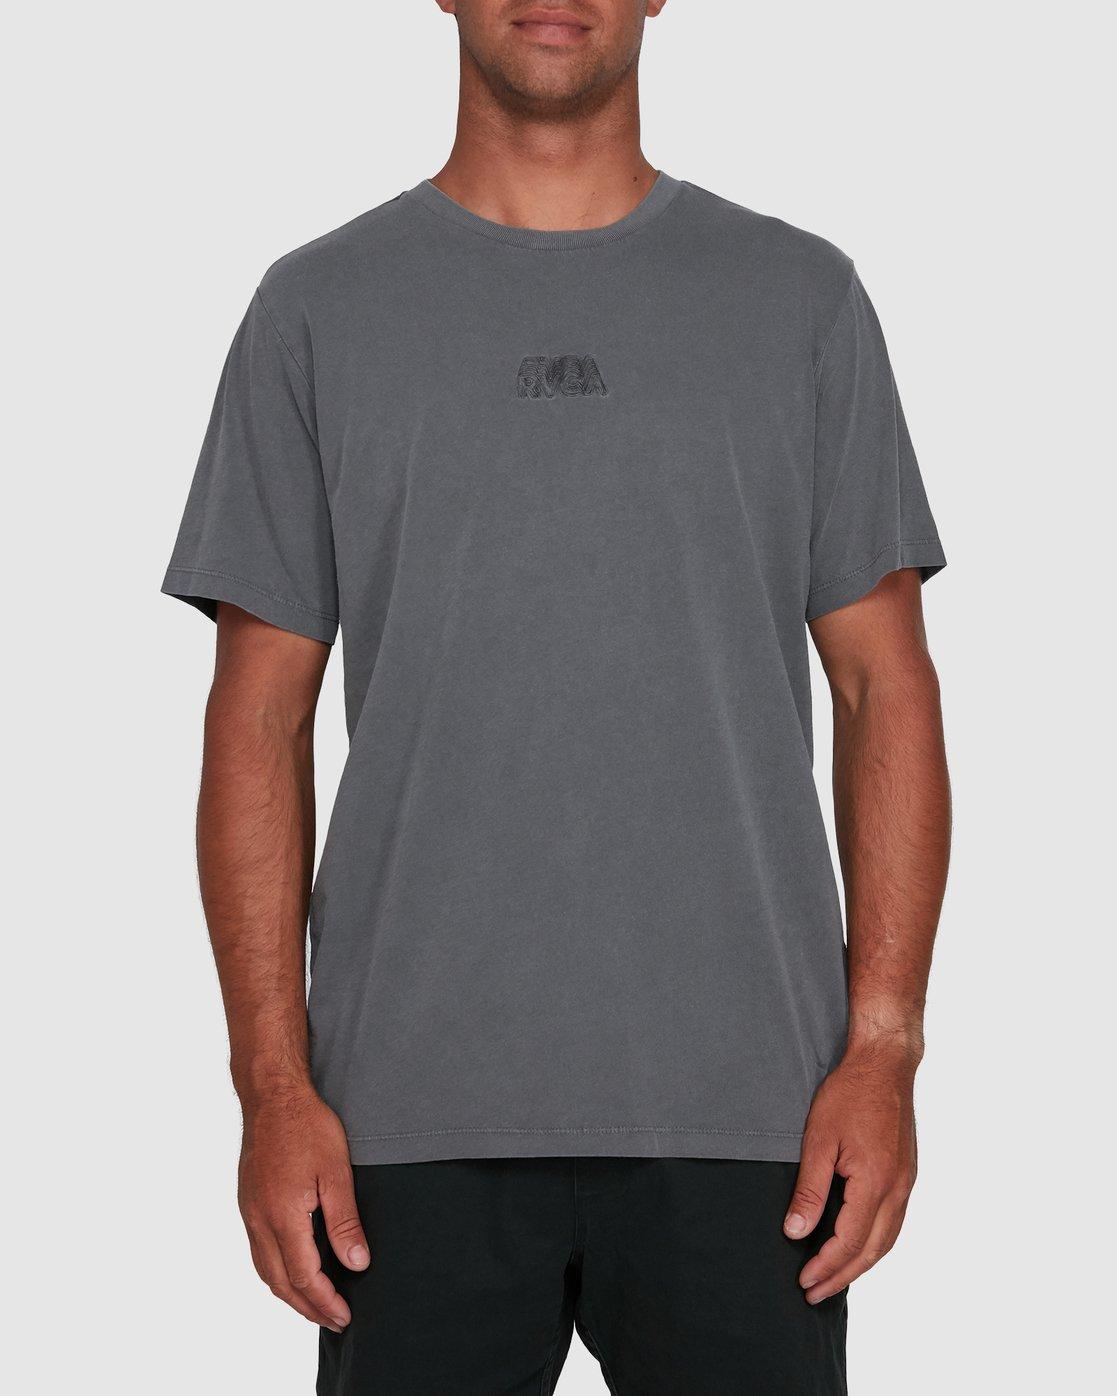 0 RVCA SHADOW SHORT SLEEVE TEE Grey R105053 RVCA